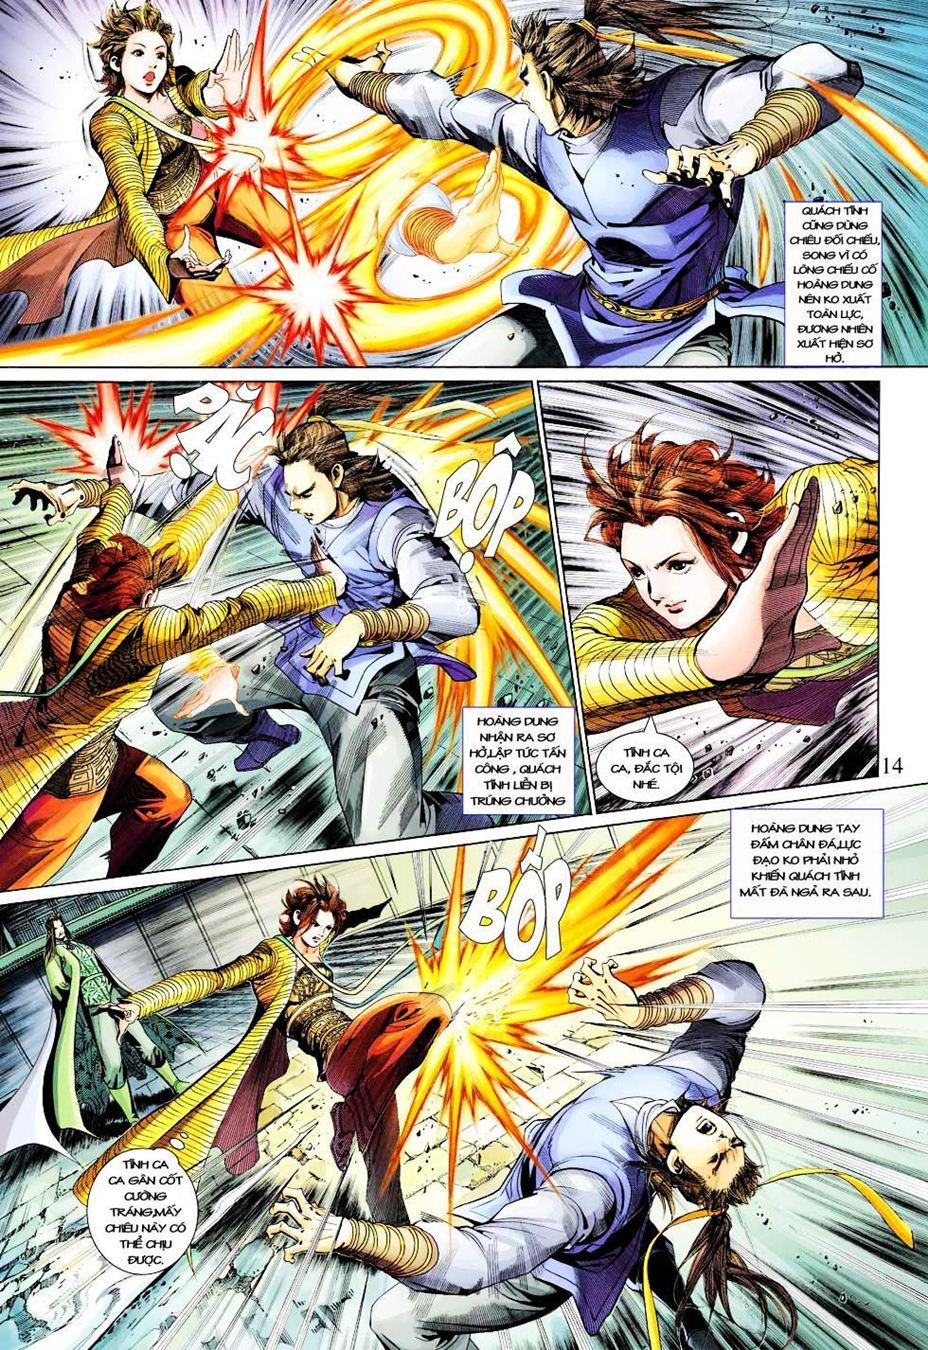 Anh Hùng Xạ Điêu anh hùng xạ đêu chap 33 trang 14